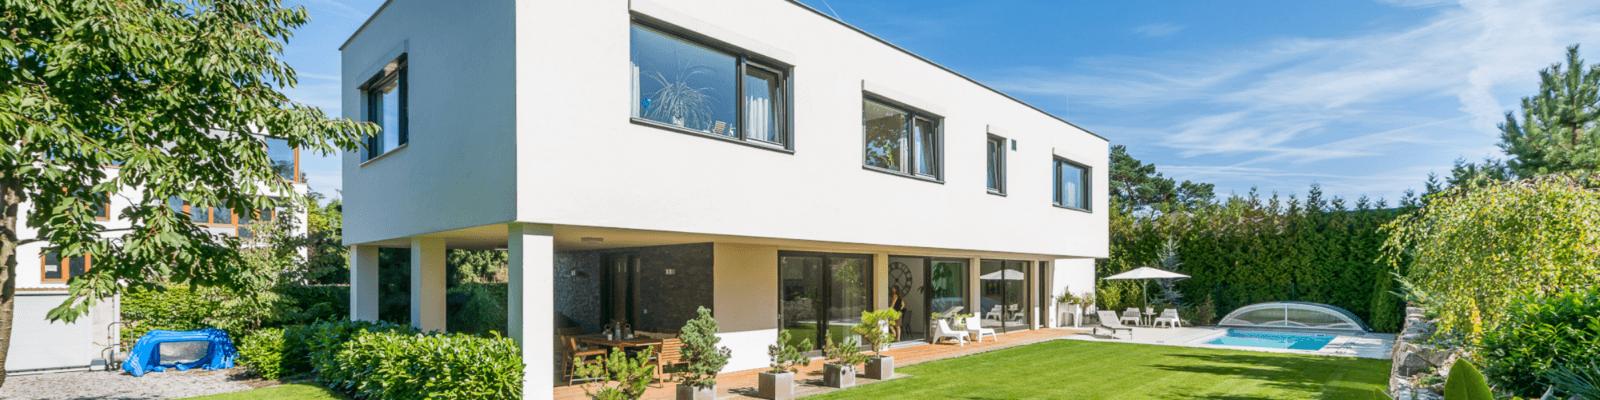 Immowerk - Immobilienagentur und Hausverwaltung